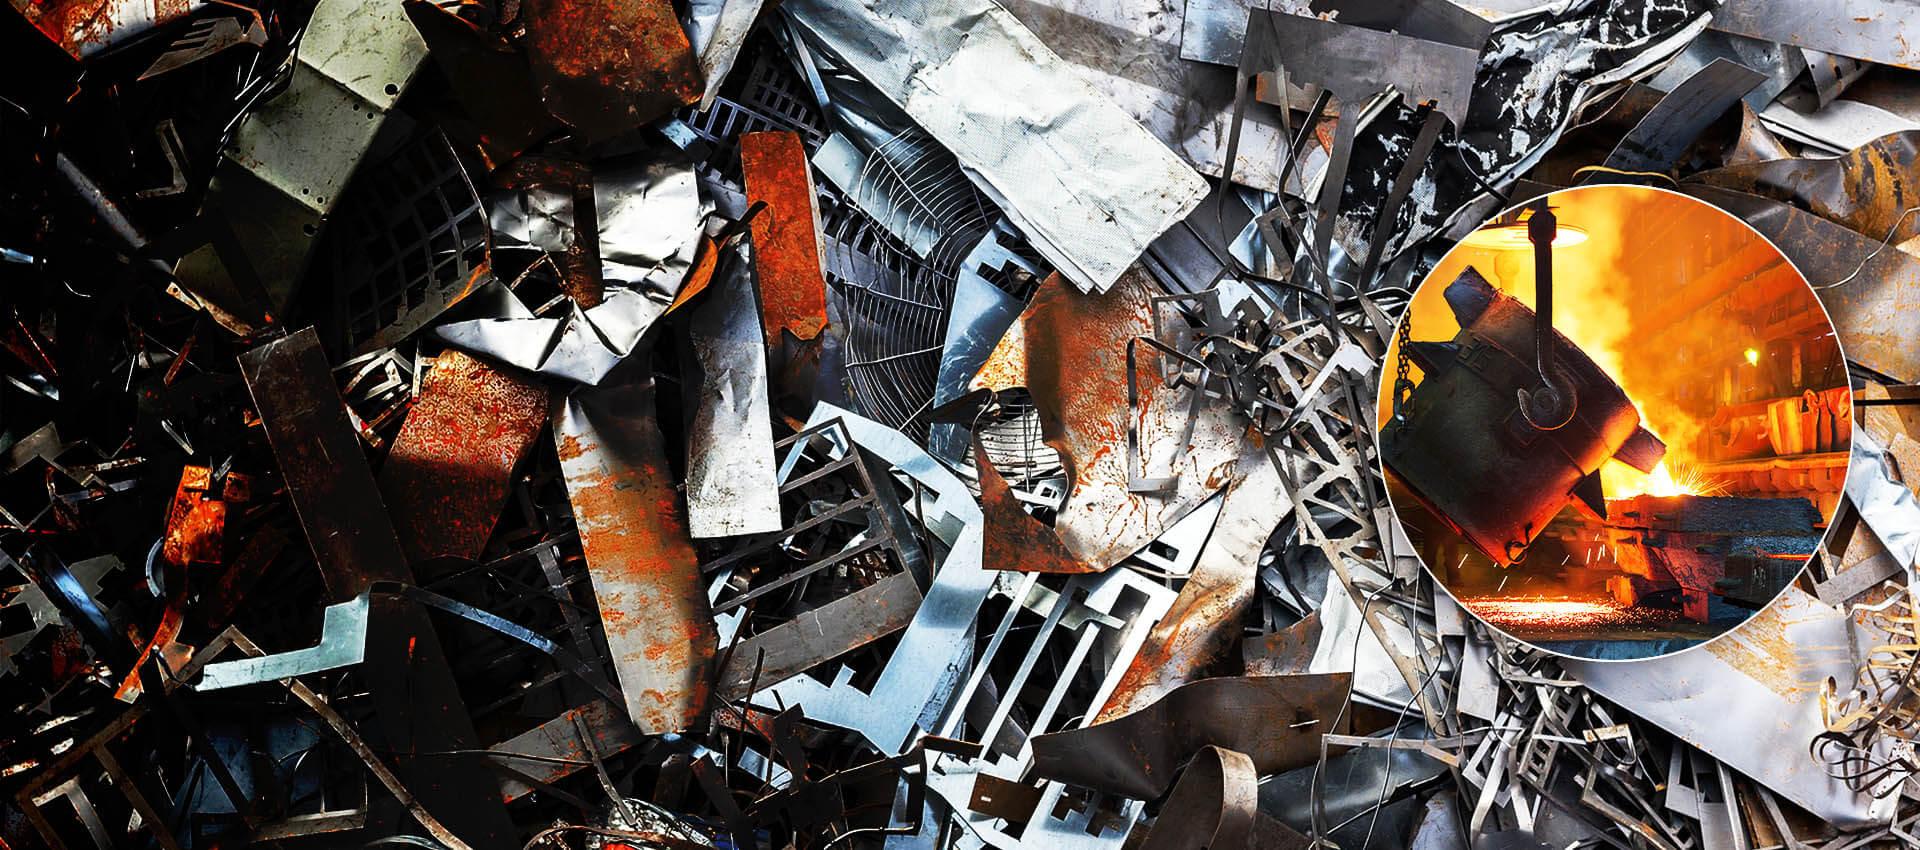 Pozyskiwanie, obrót i przerób złomu metali